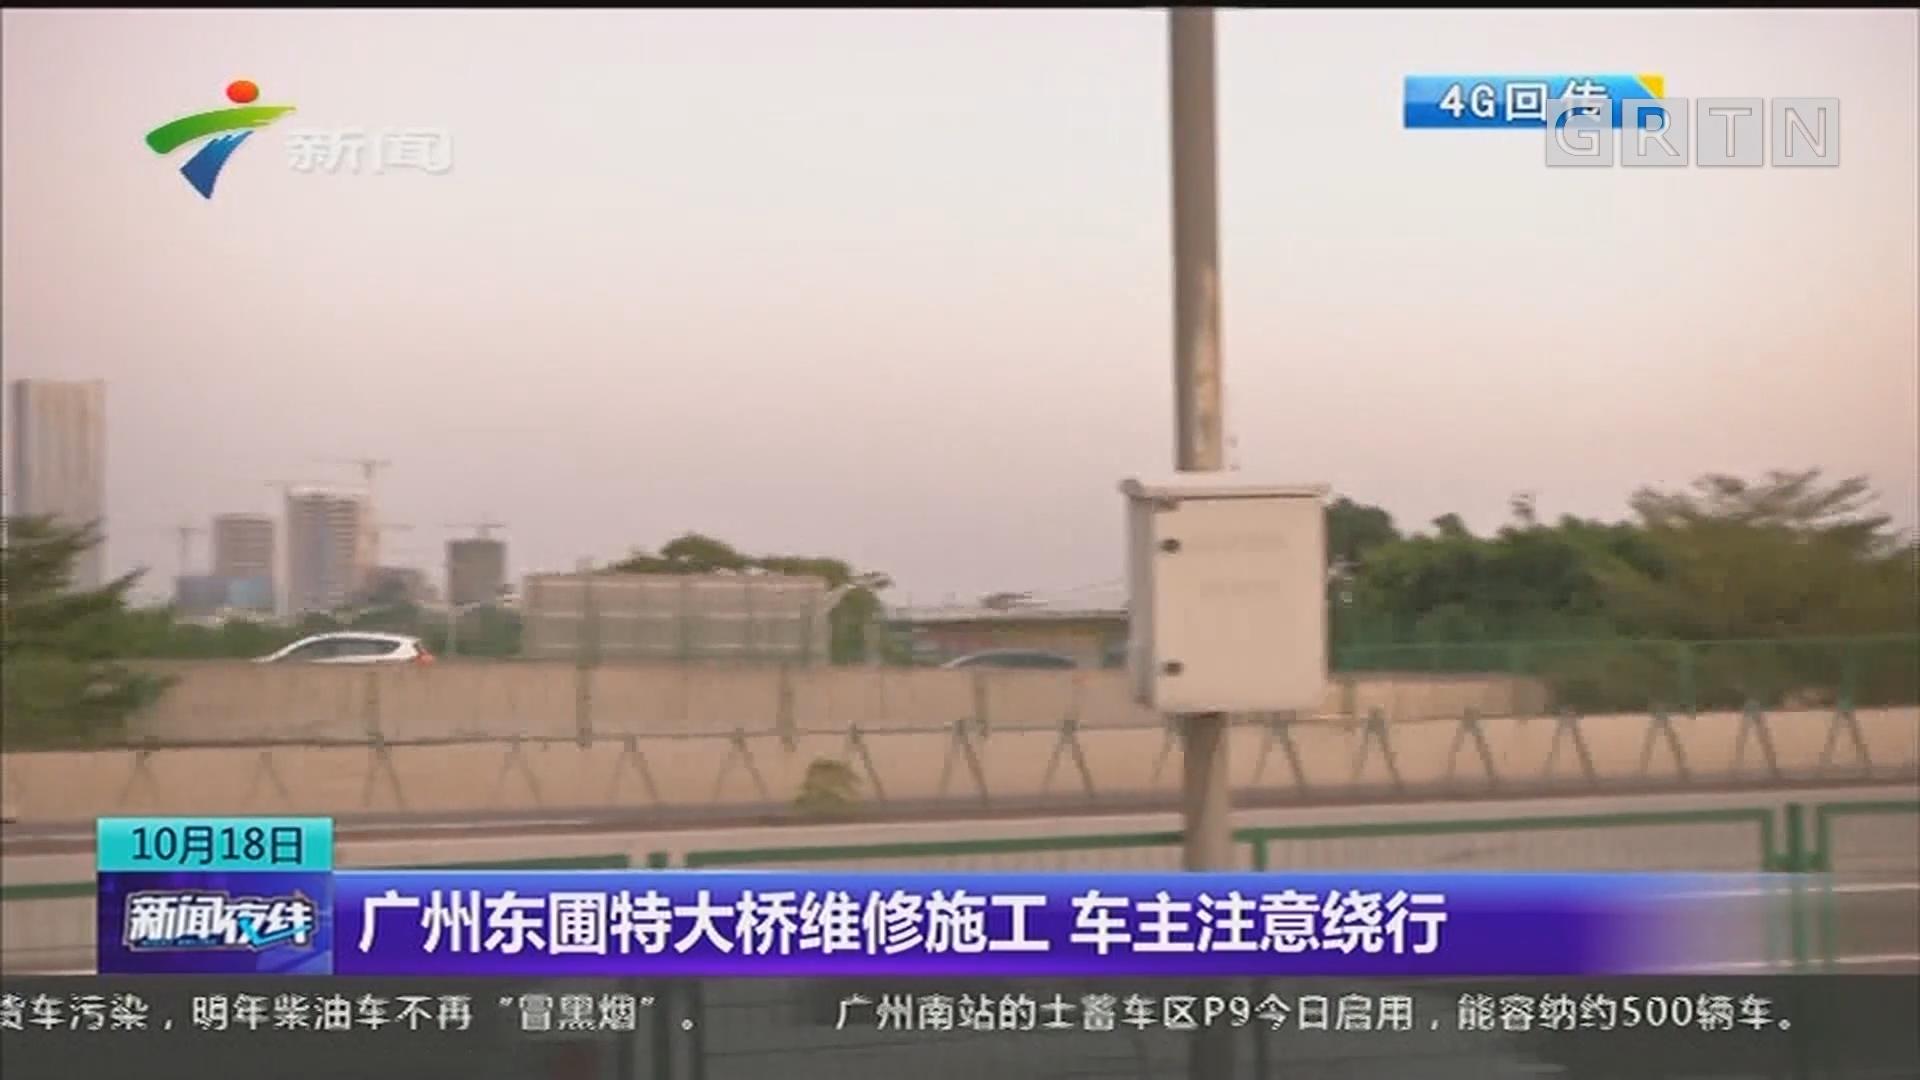 广州东圃特大桥维修施工 车主注意绕行